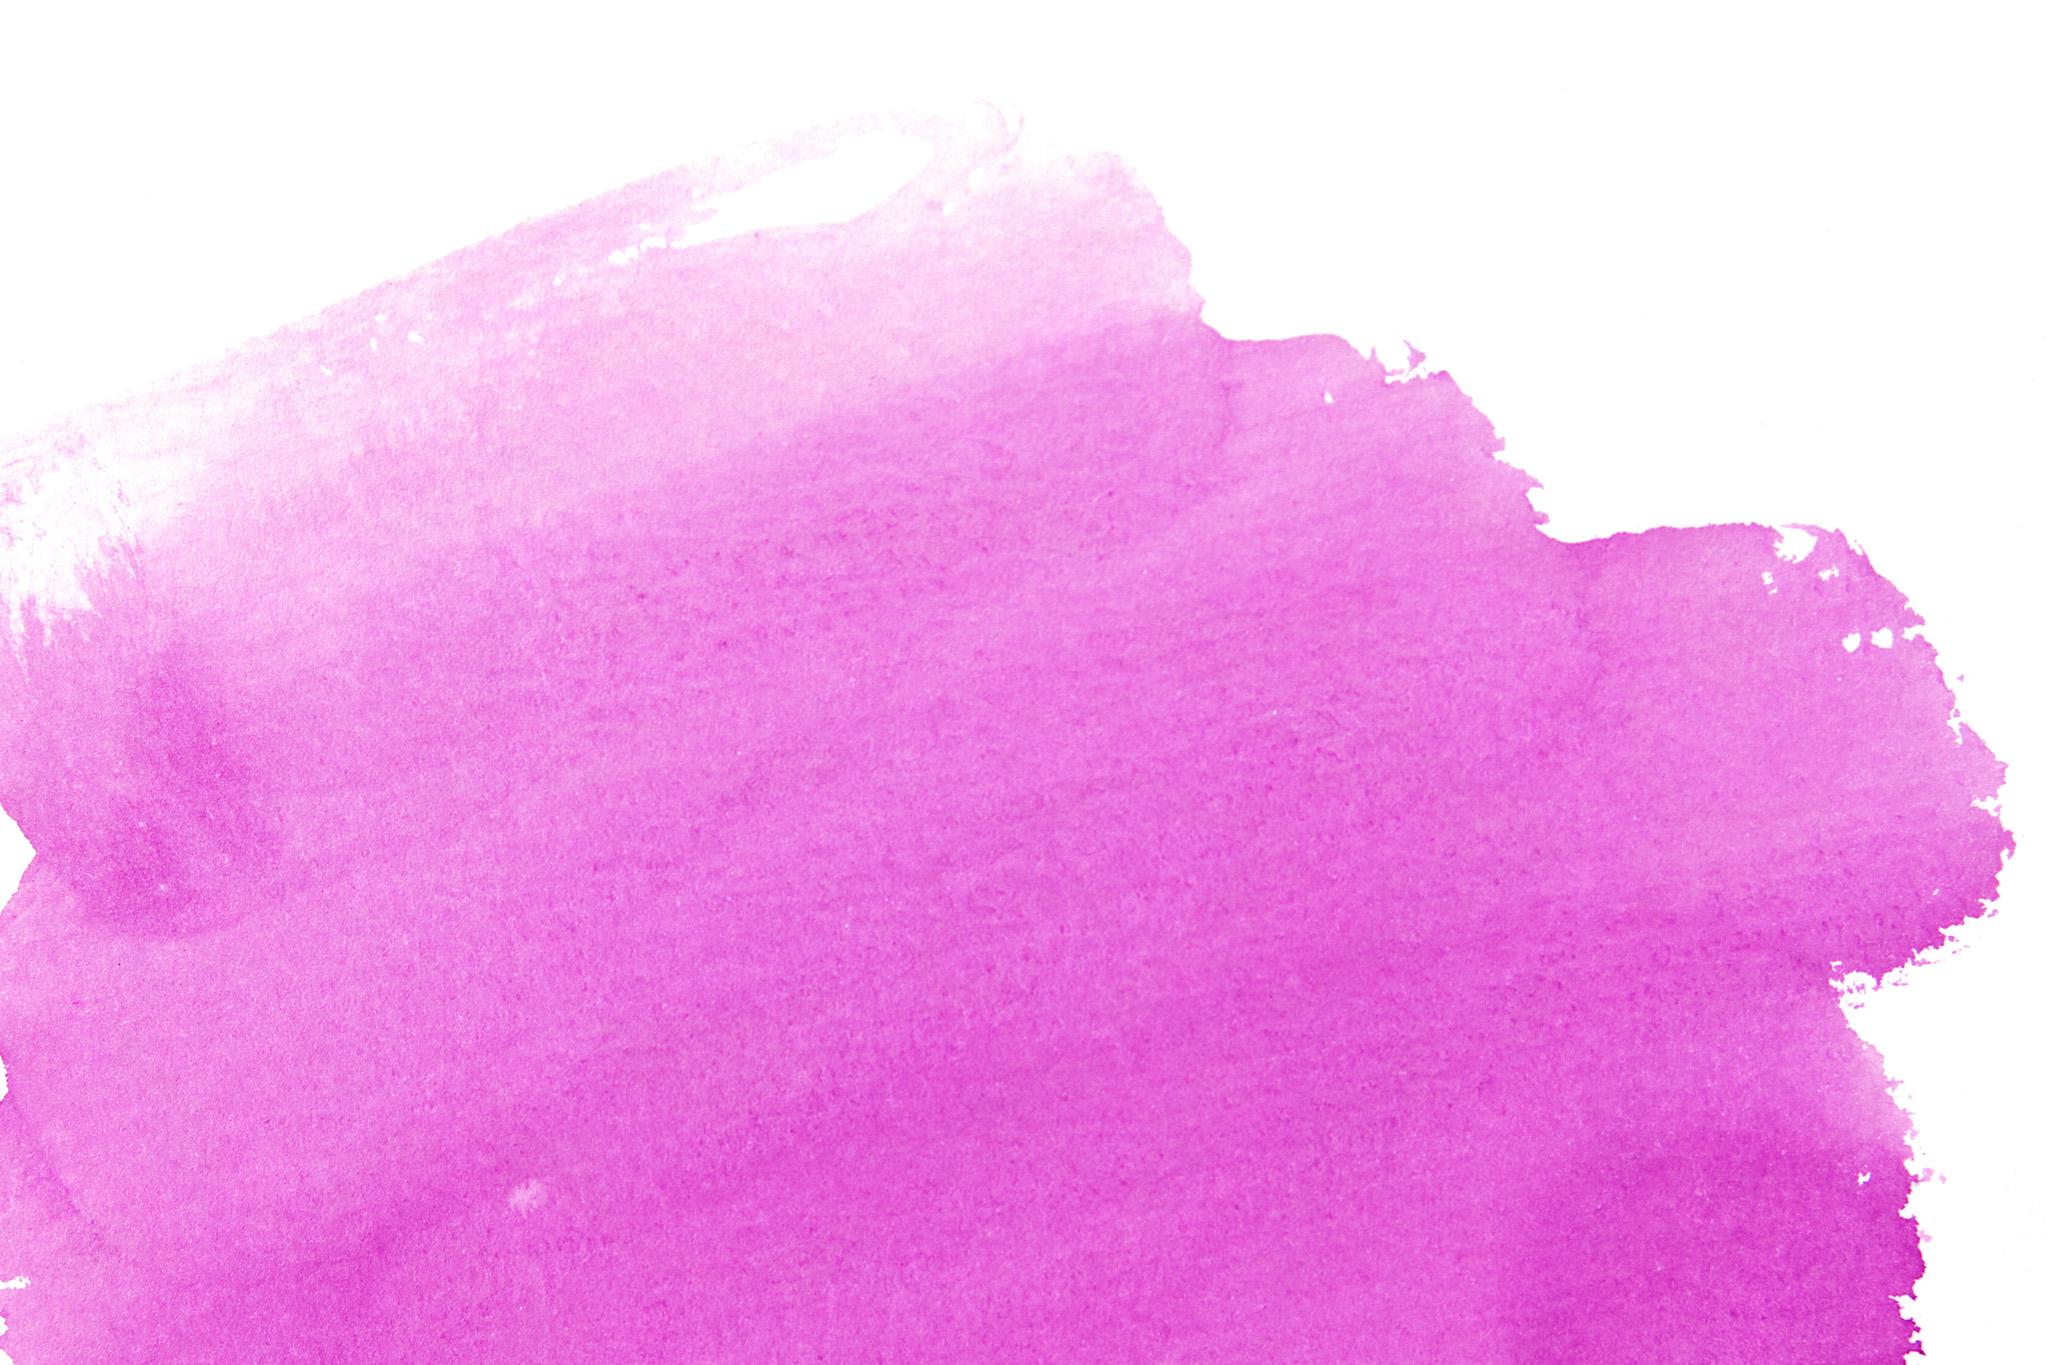 「ピンク色の水彩筆塗り」